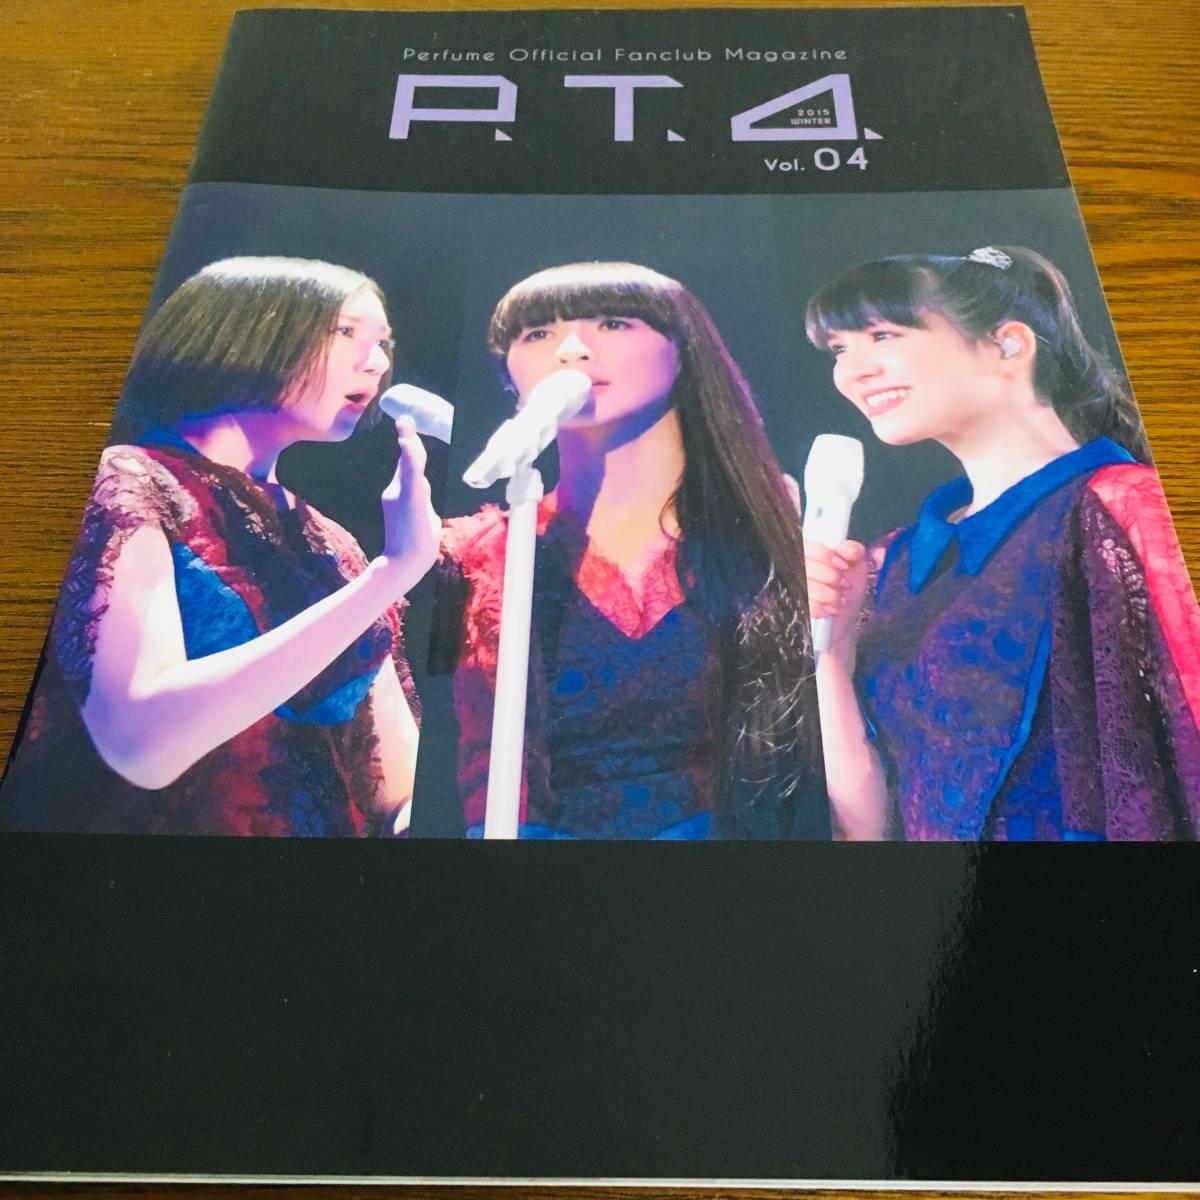 新品未使用 Perfume ファンクラブ 会報 グリーティング カード 継続特典 P.T.A vol.4-vol.8 クリスマスカード パスケース_画像7